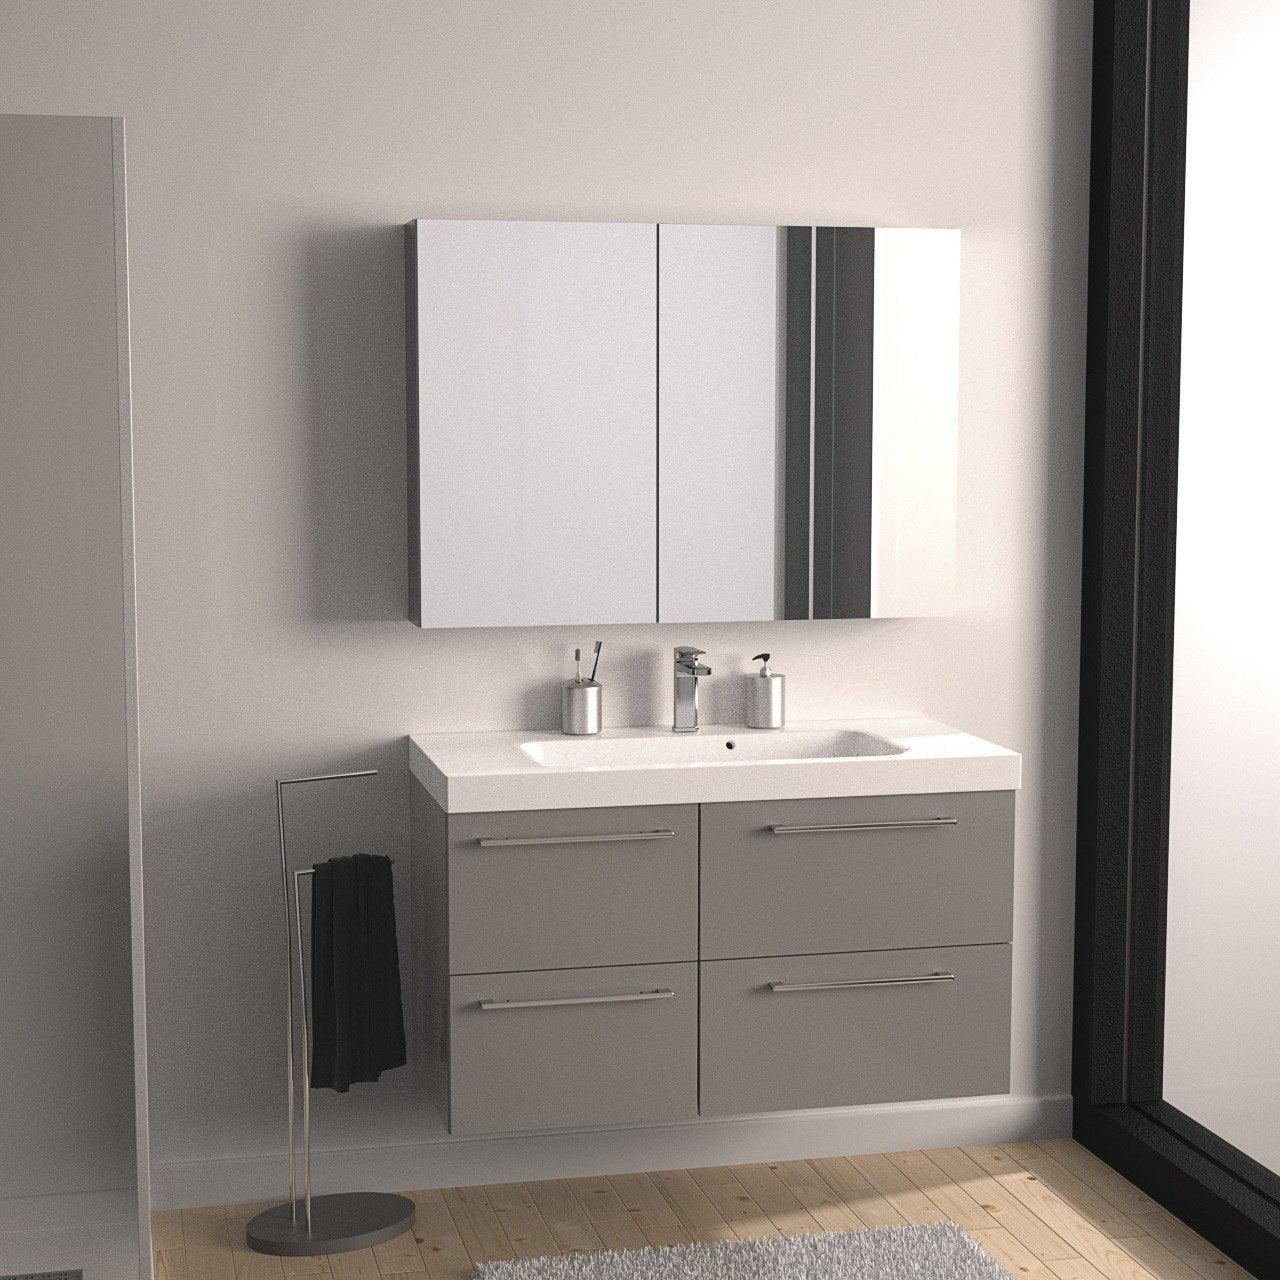 Meuble de salle de bains remix gris galet n 3 106x48 5 cm for Meuble salle de bains leroy merlin